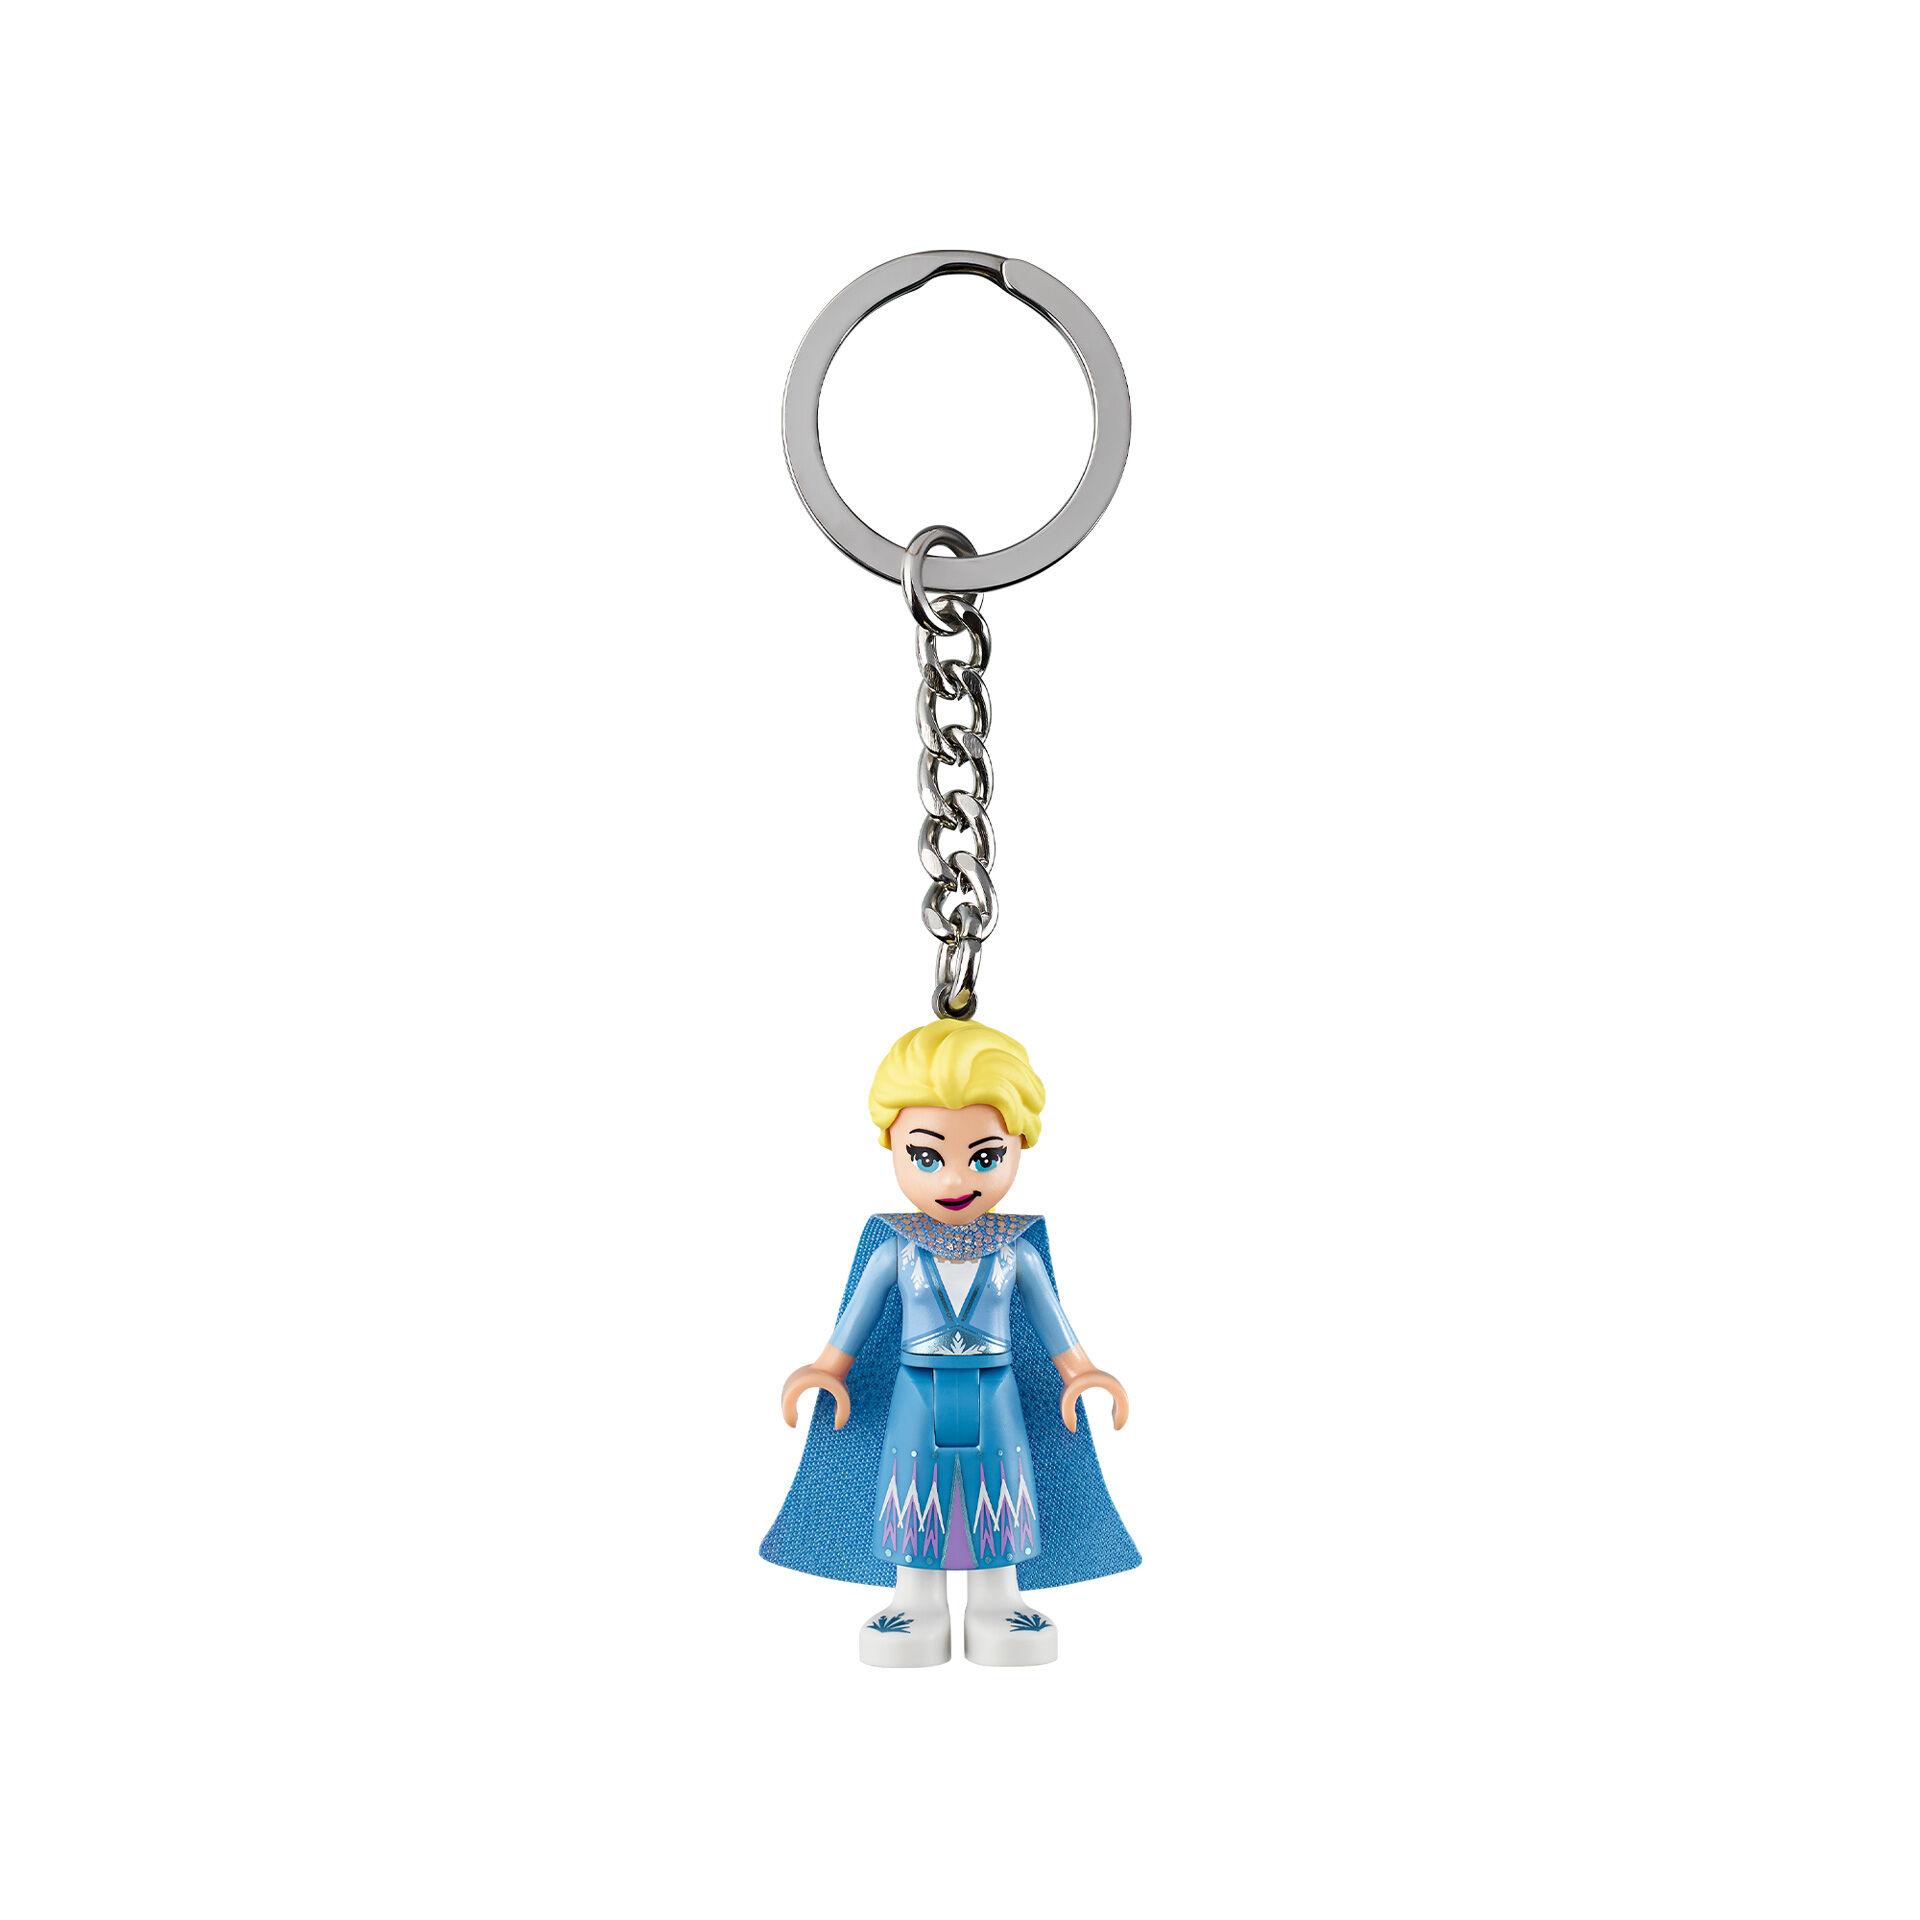 Porte-clés Elsa La Reine des neiges 2 | Disney 853968, , large